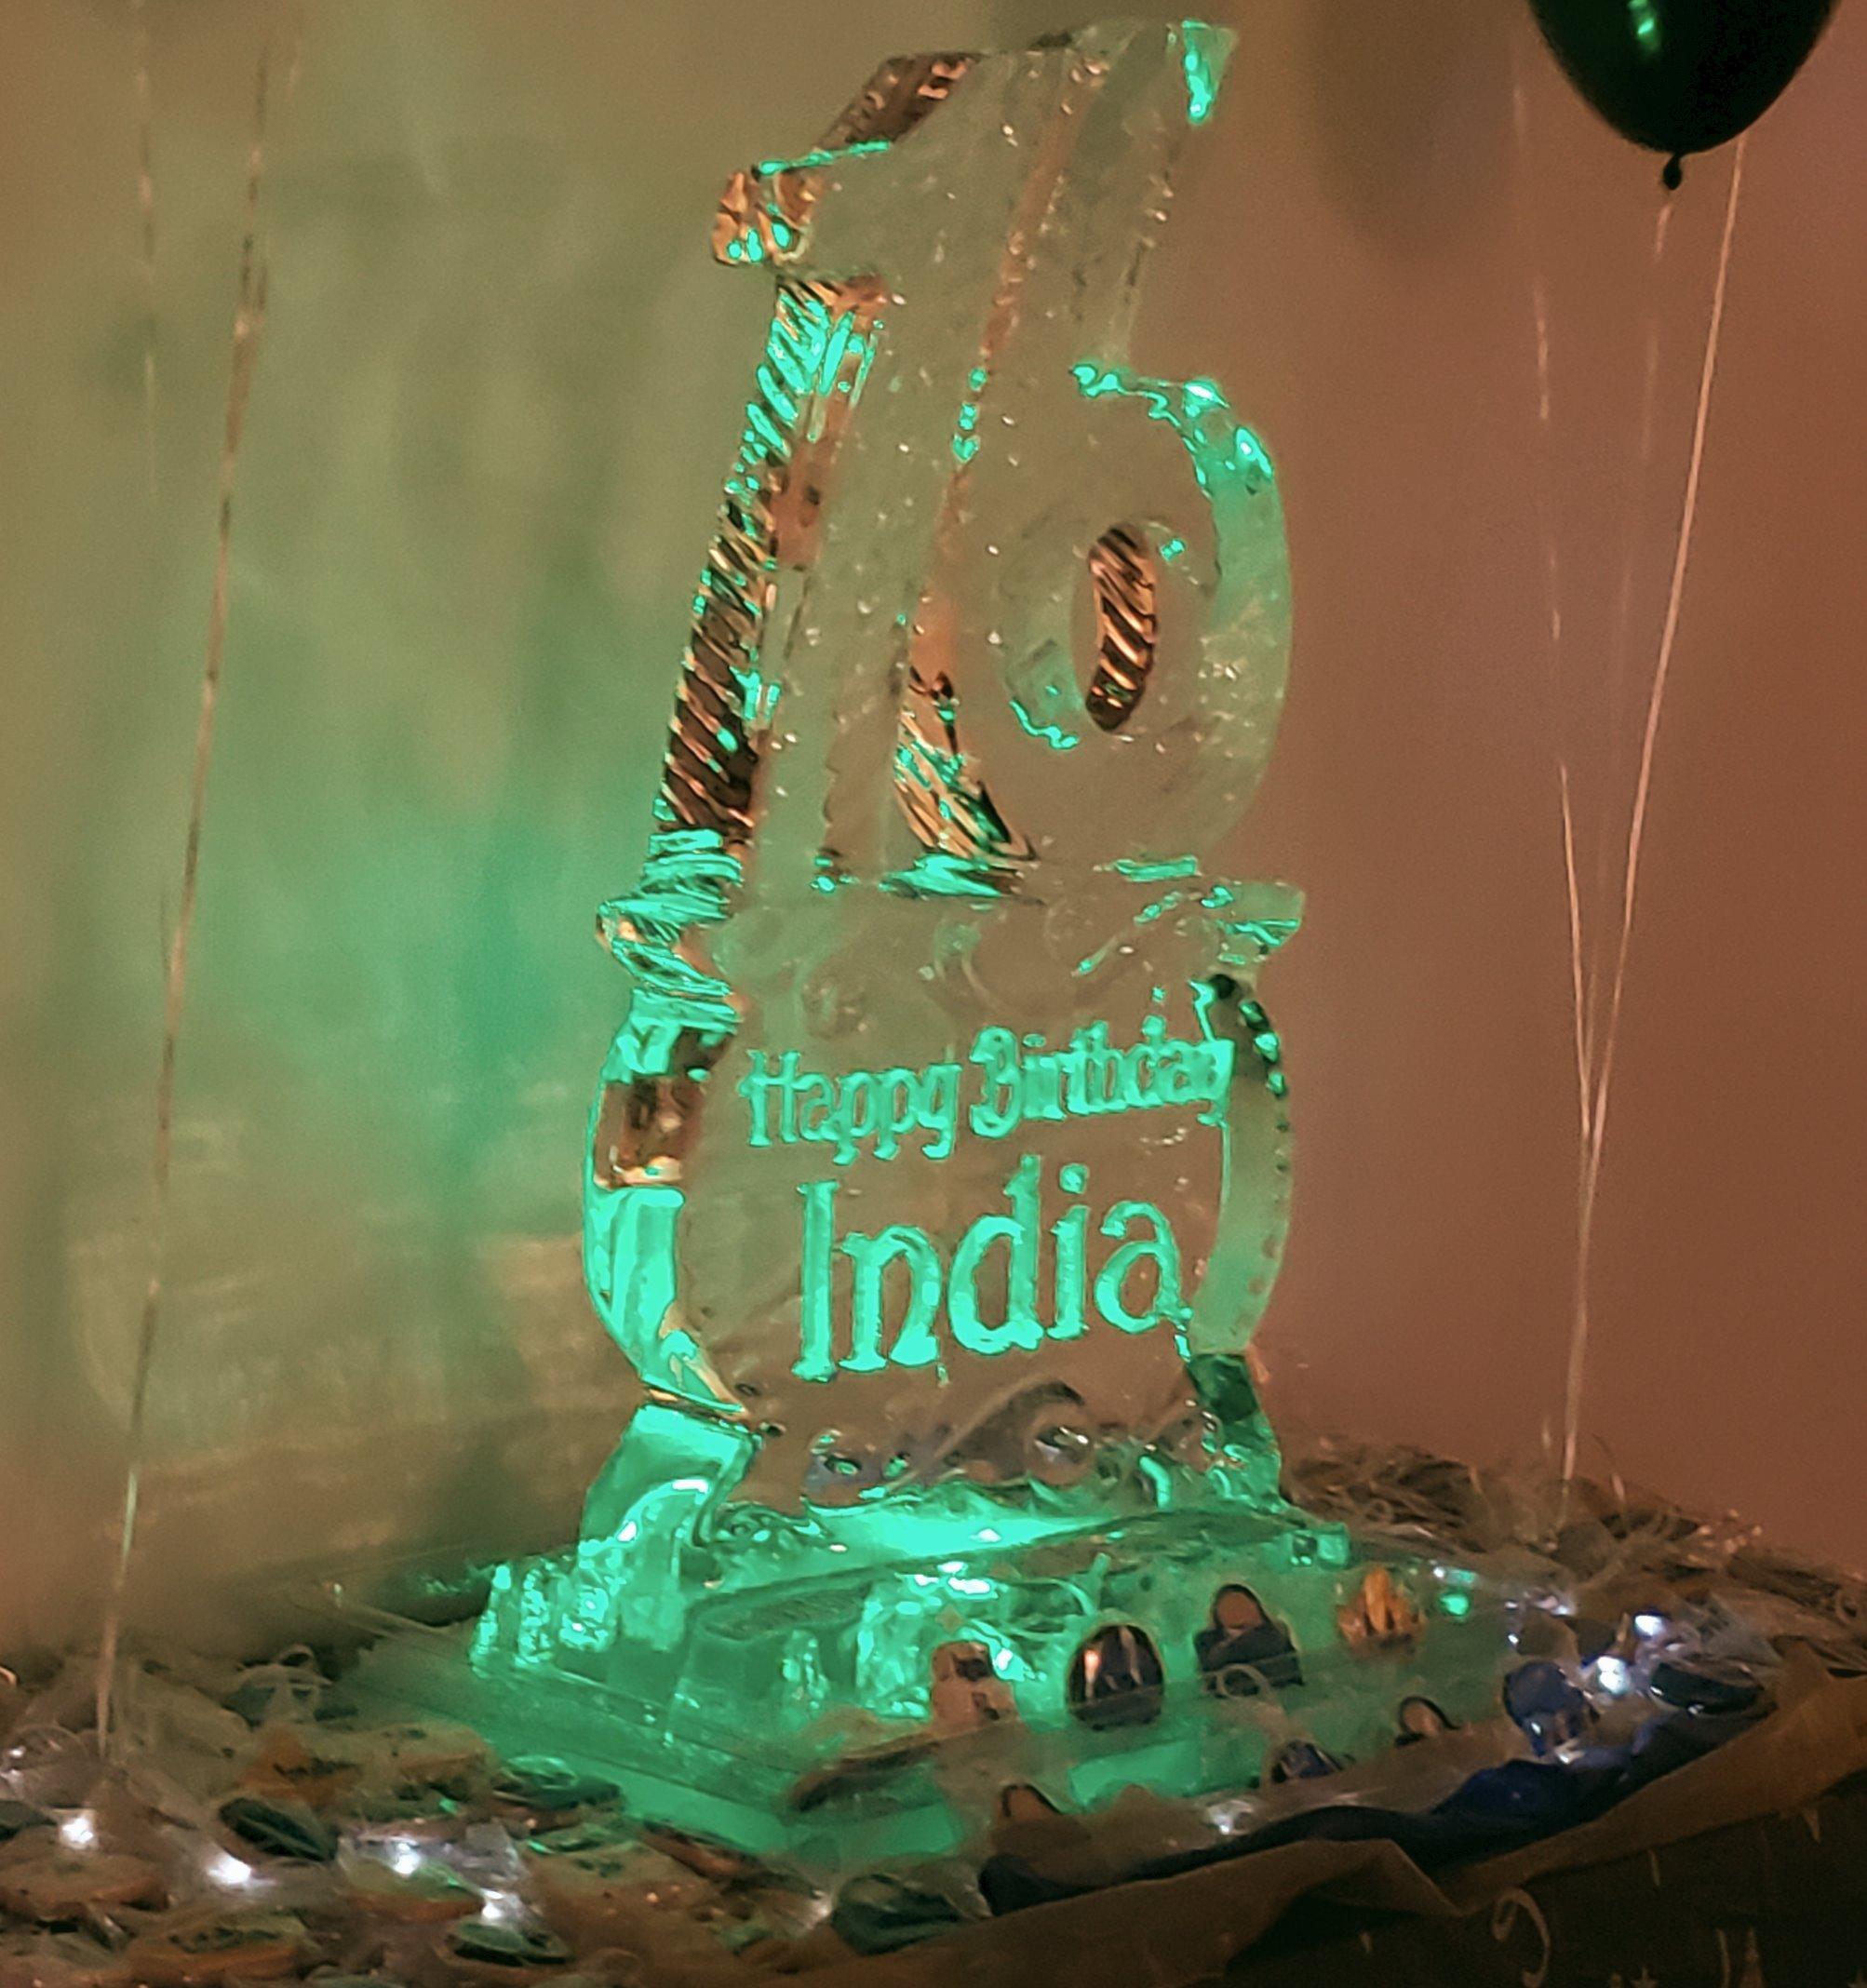 HB India Ice_edited